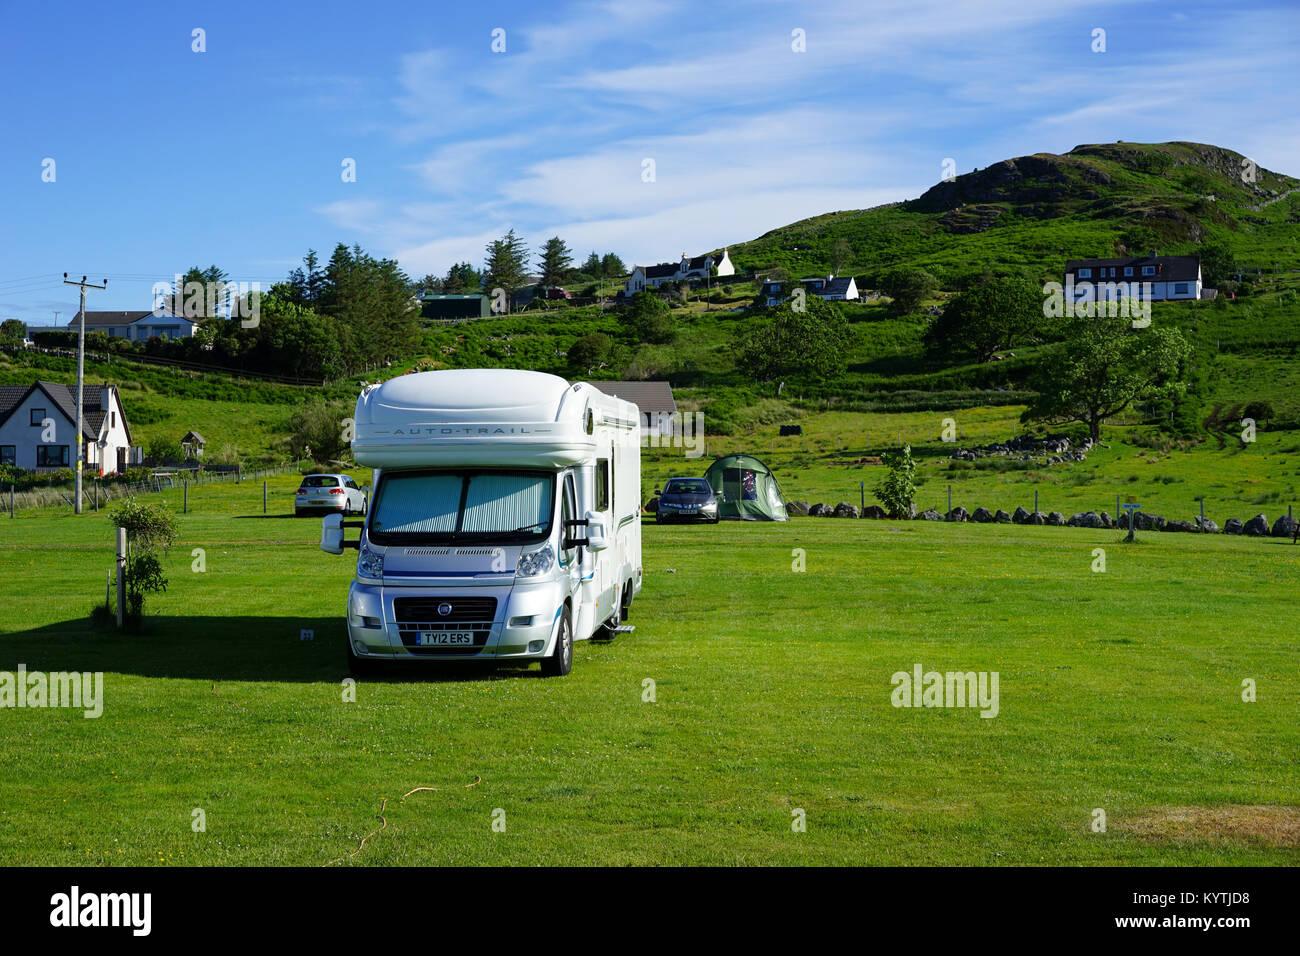 Reisemobil, Campingplatz in Gairloch, Wester Ross, North West Schottland, UK geparkt. Stockbild